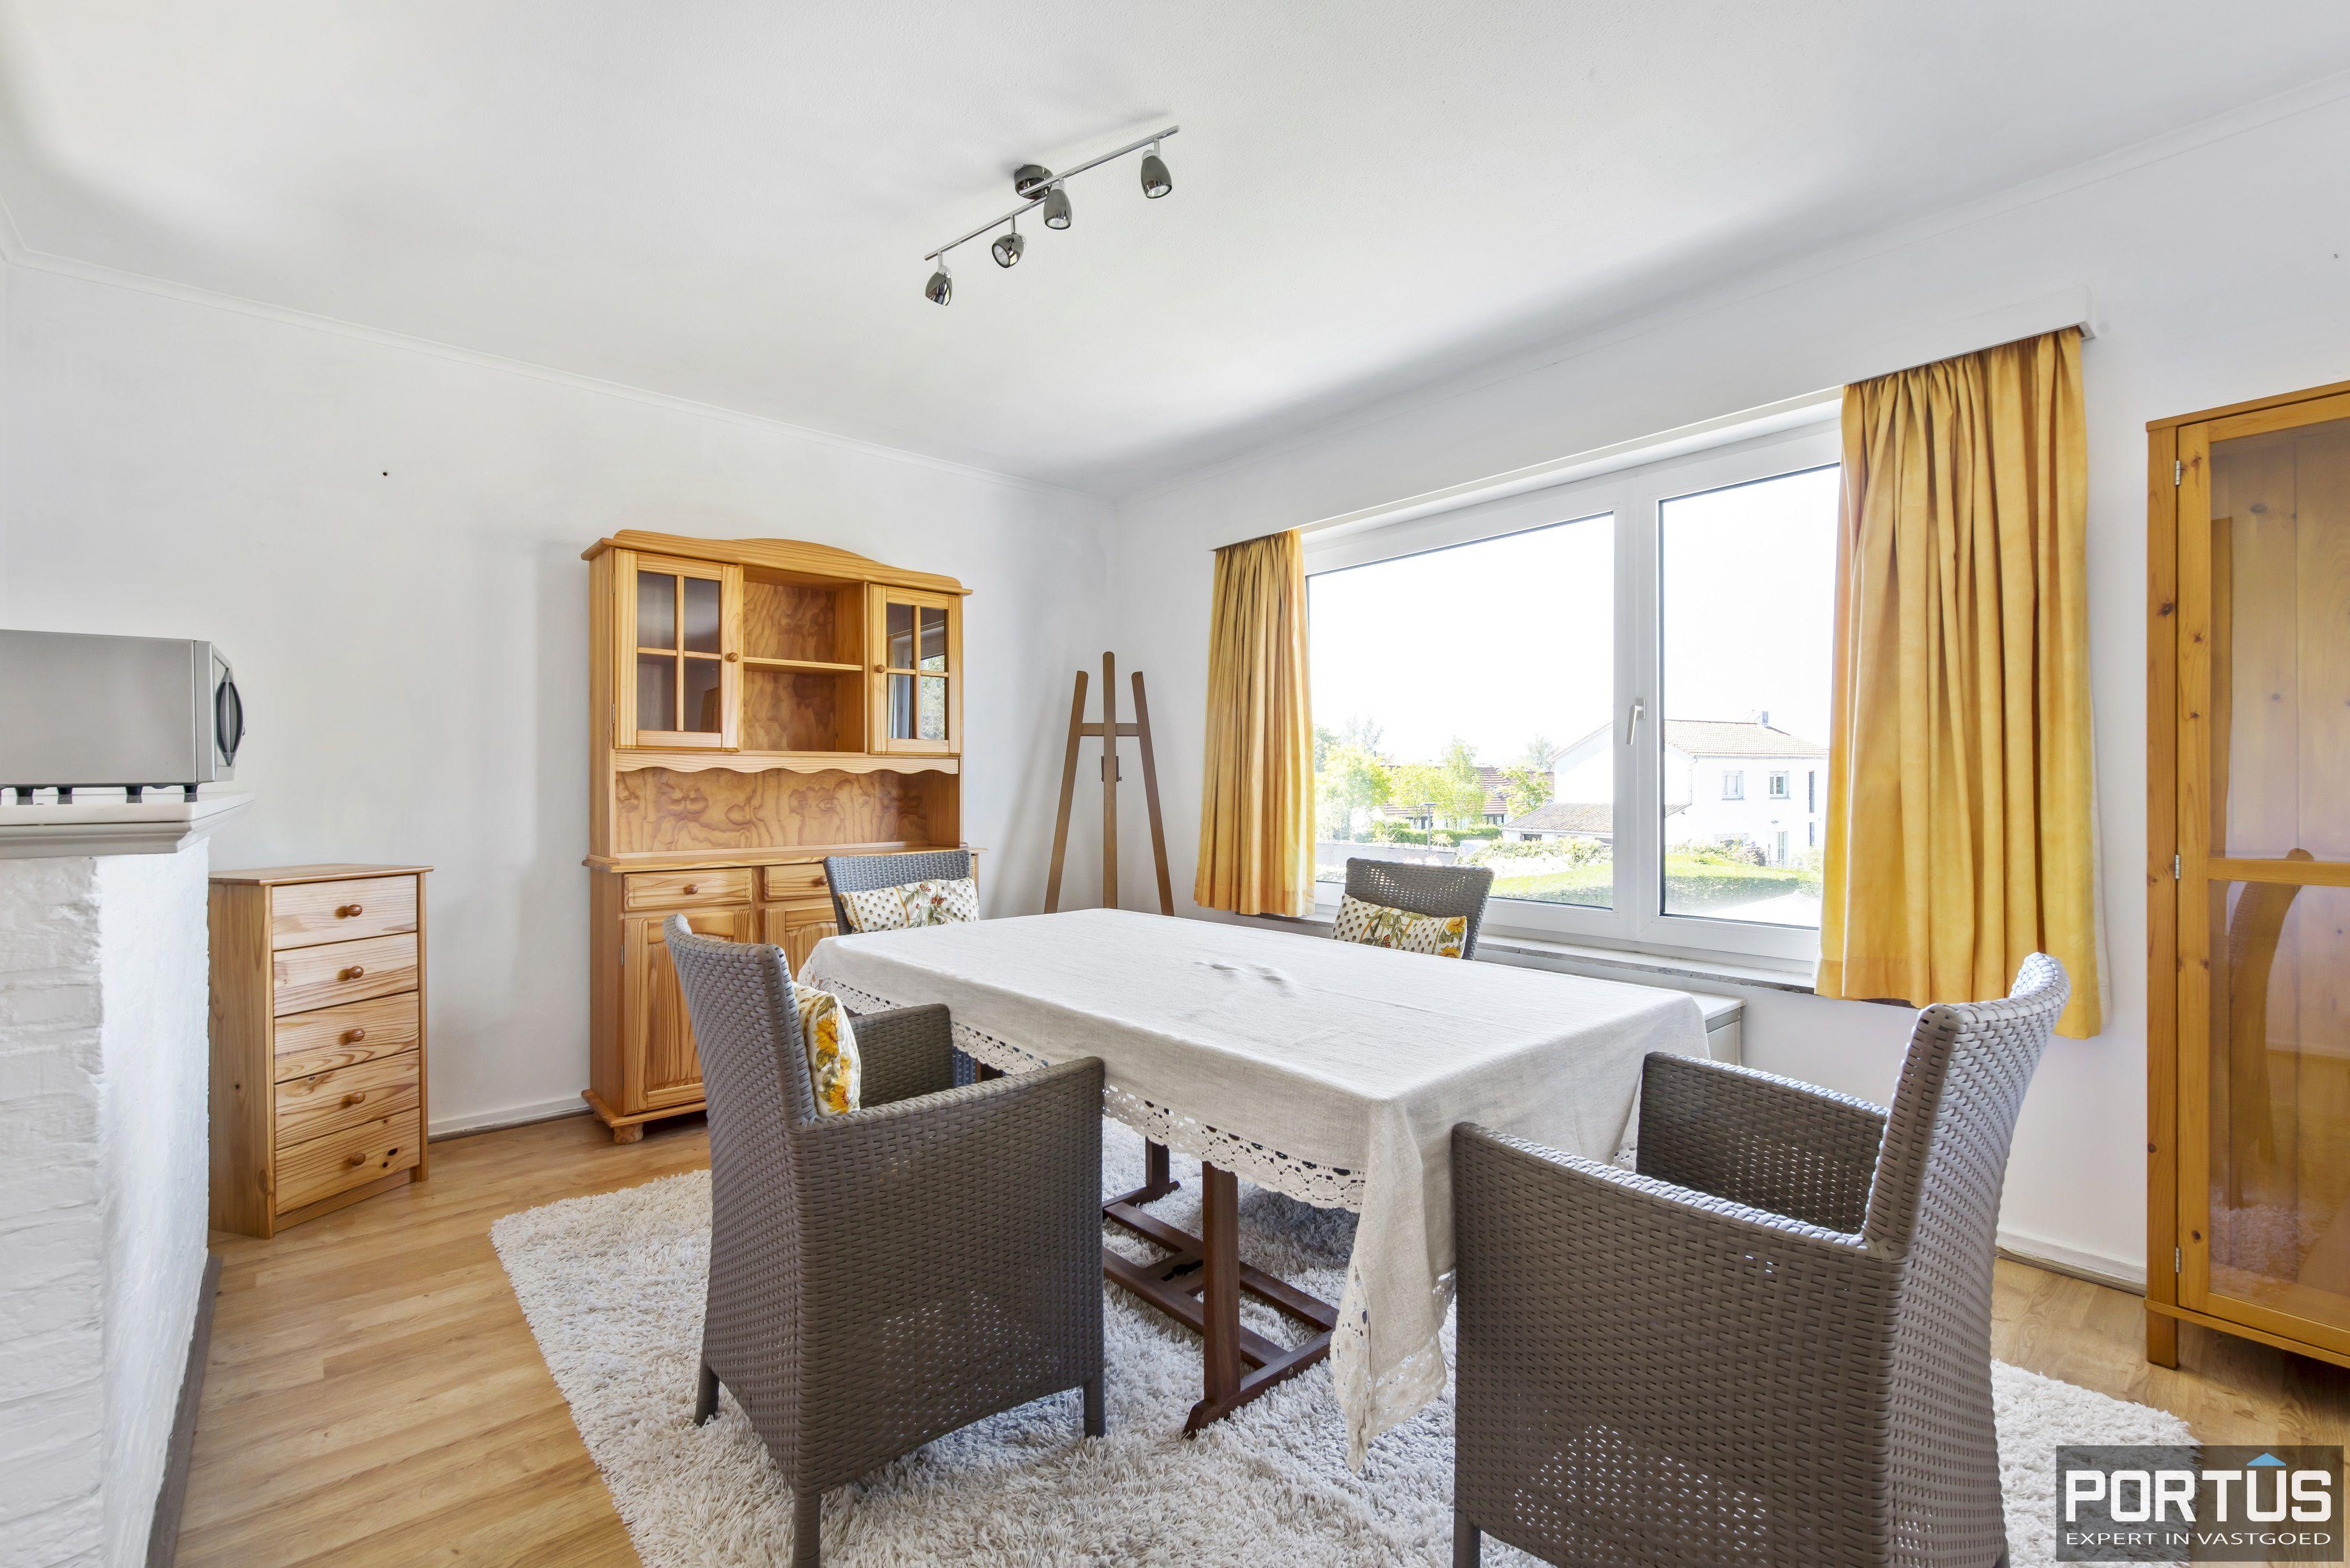 Appartement met 2 slaapkamers en parking te koop te Nieuwpoort - 9739